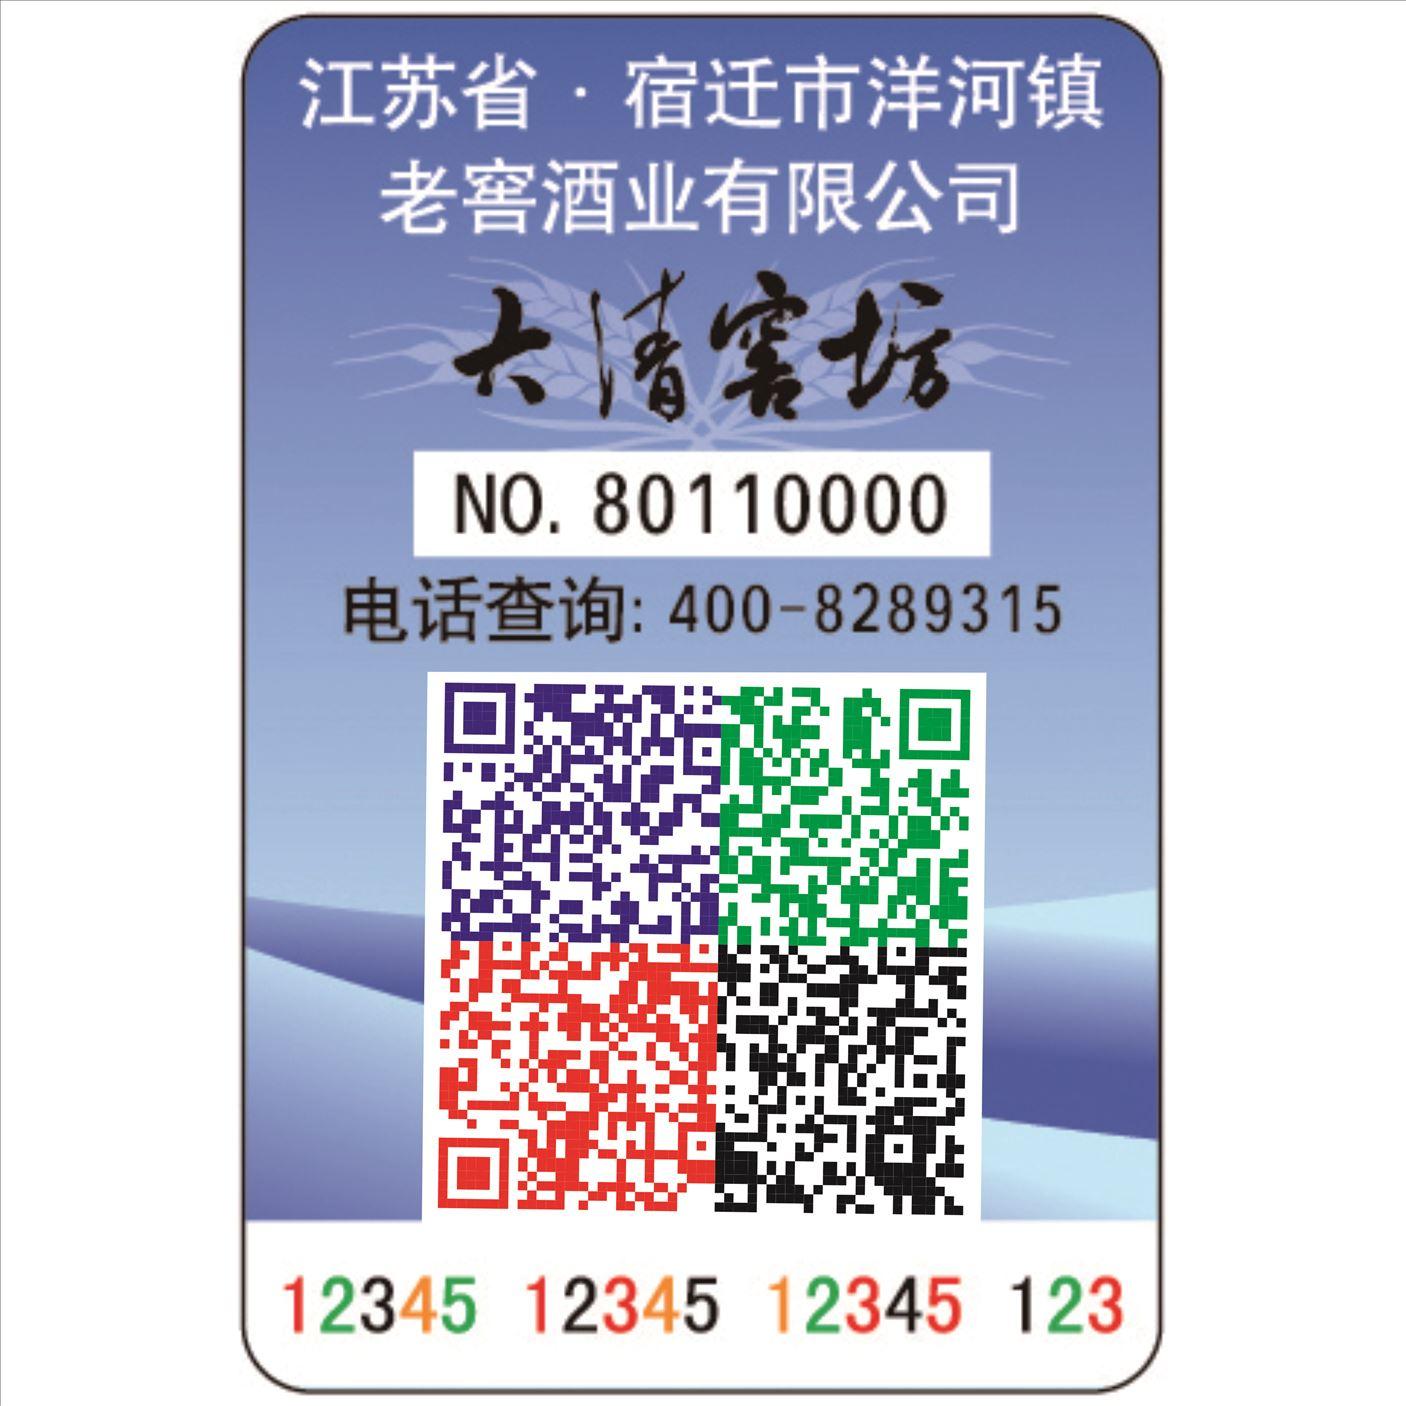 澄海12315真伪查询官网,分离出预先设计的图案或文字,